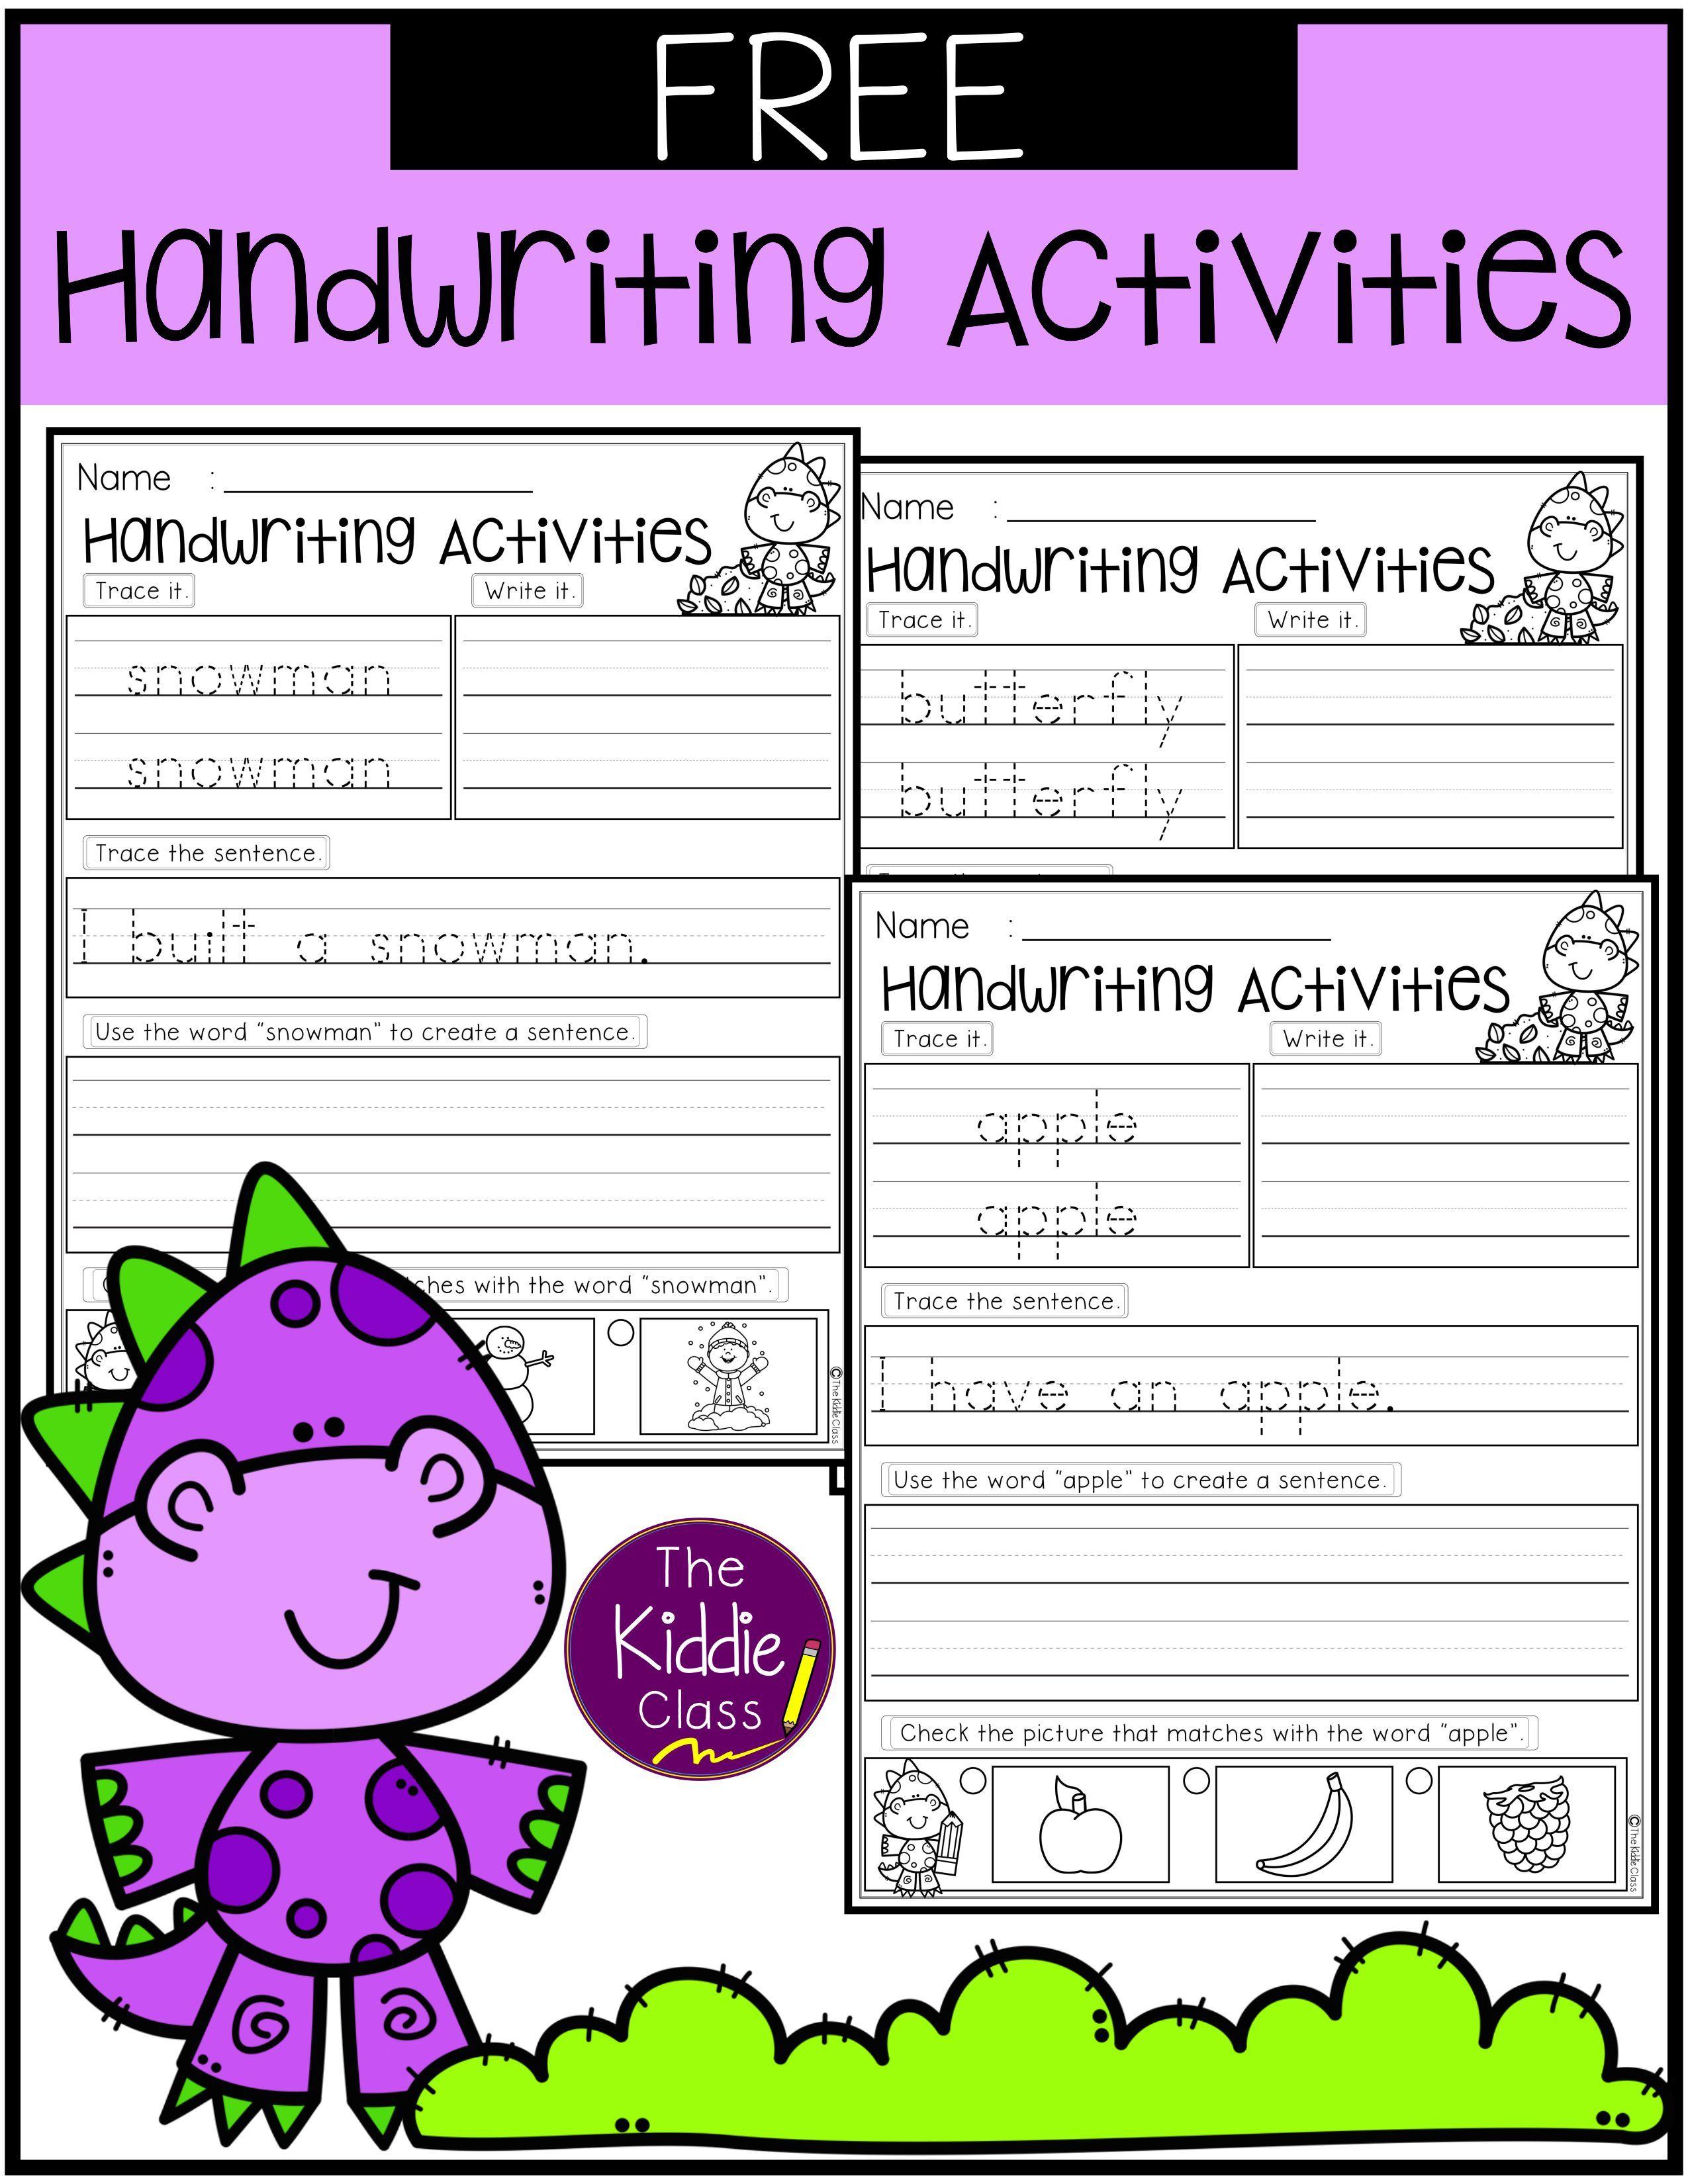 Free Handwriting Activities